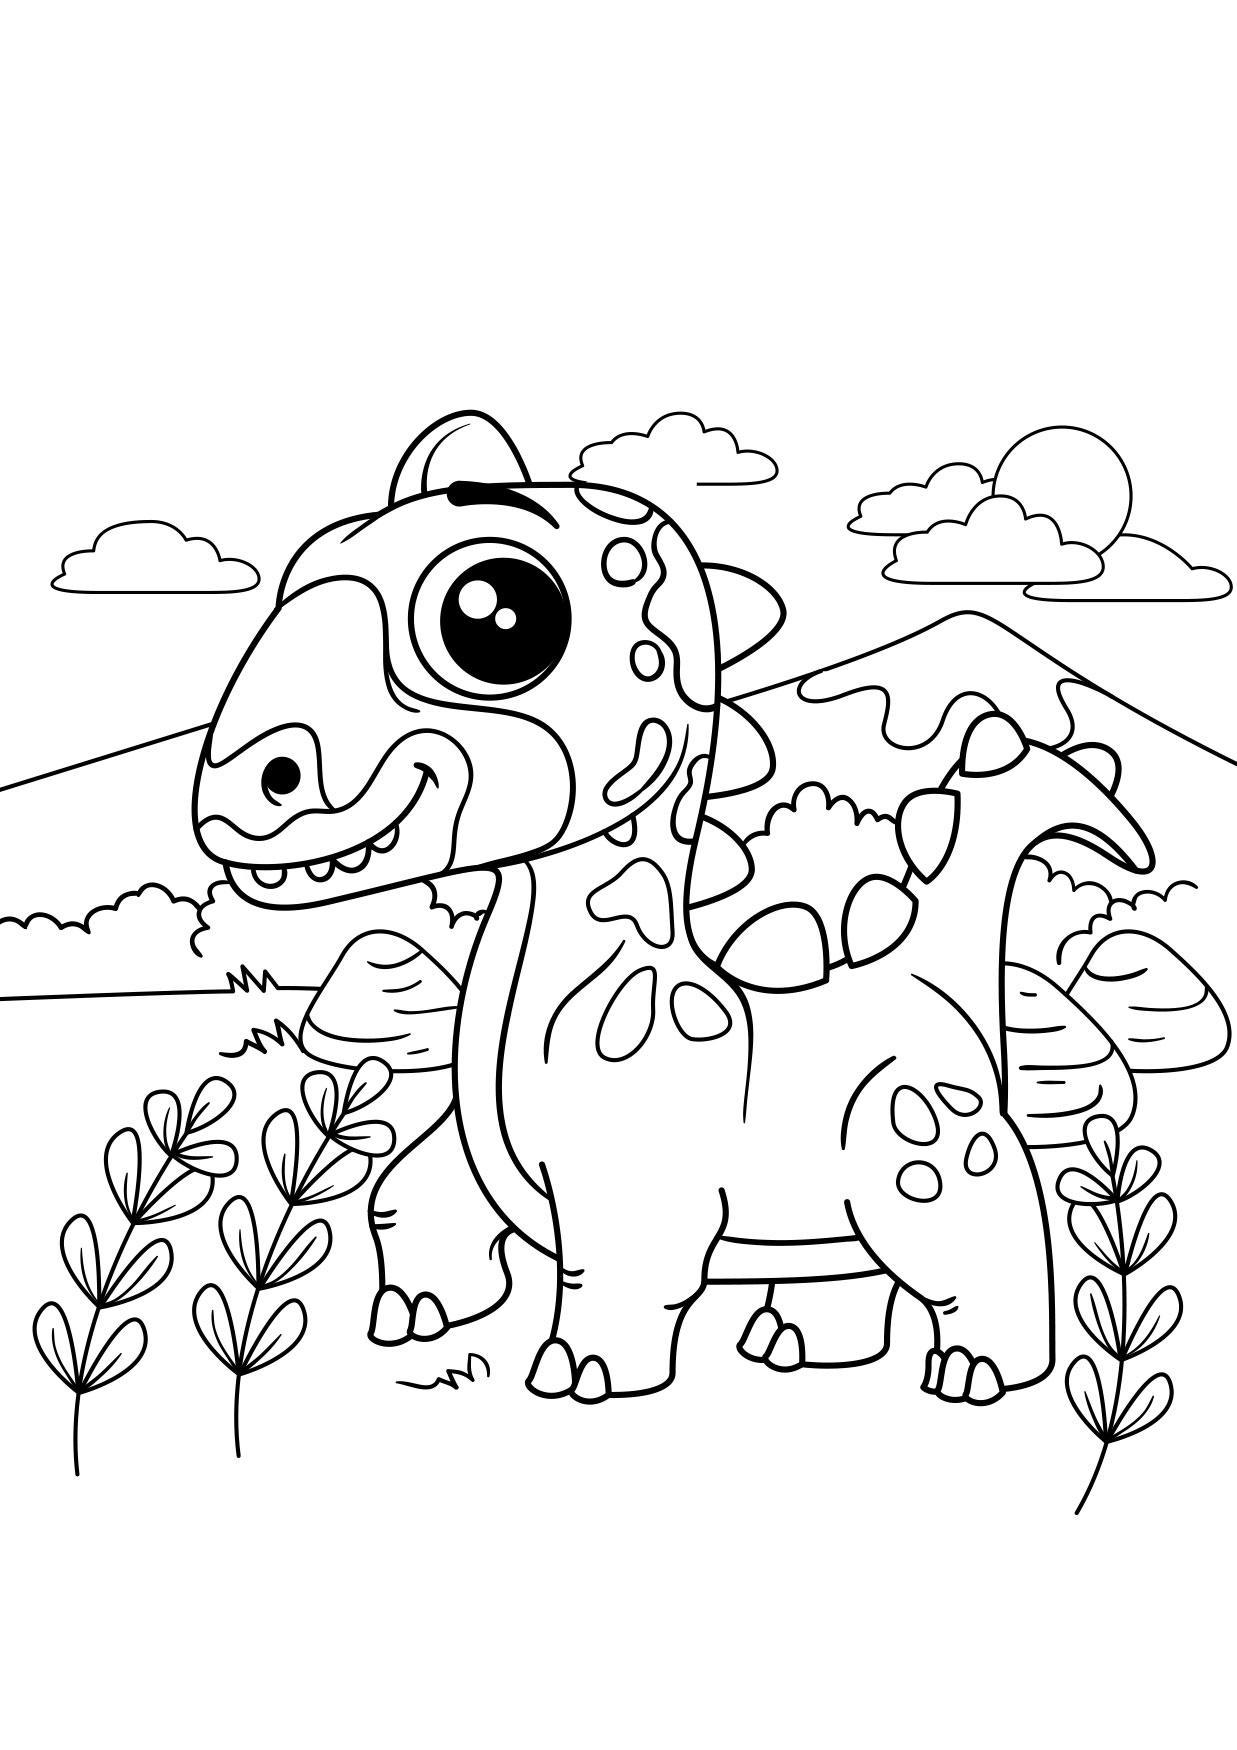 Malvorlage Dino unterwegs - Kostenlose Ausmalbilder Zum